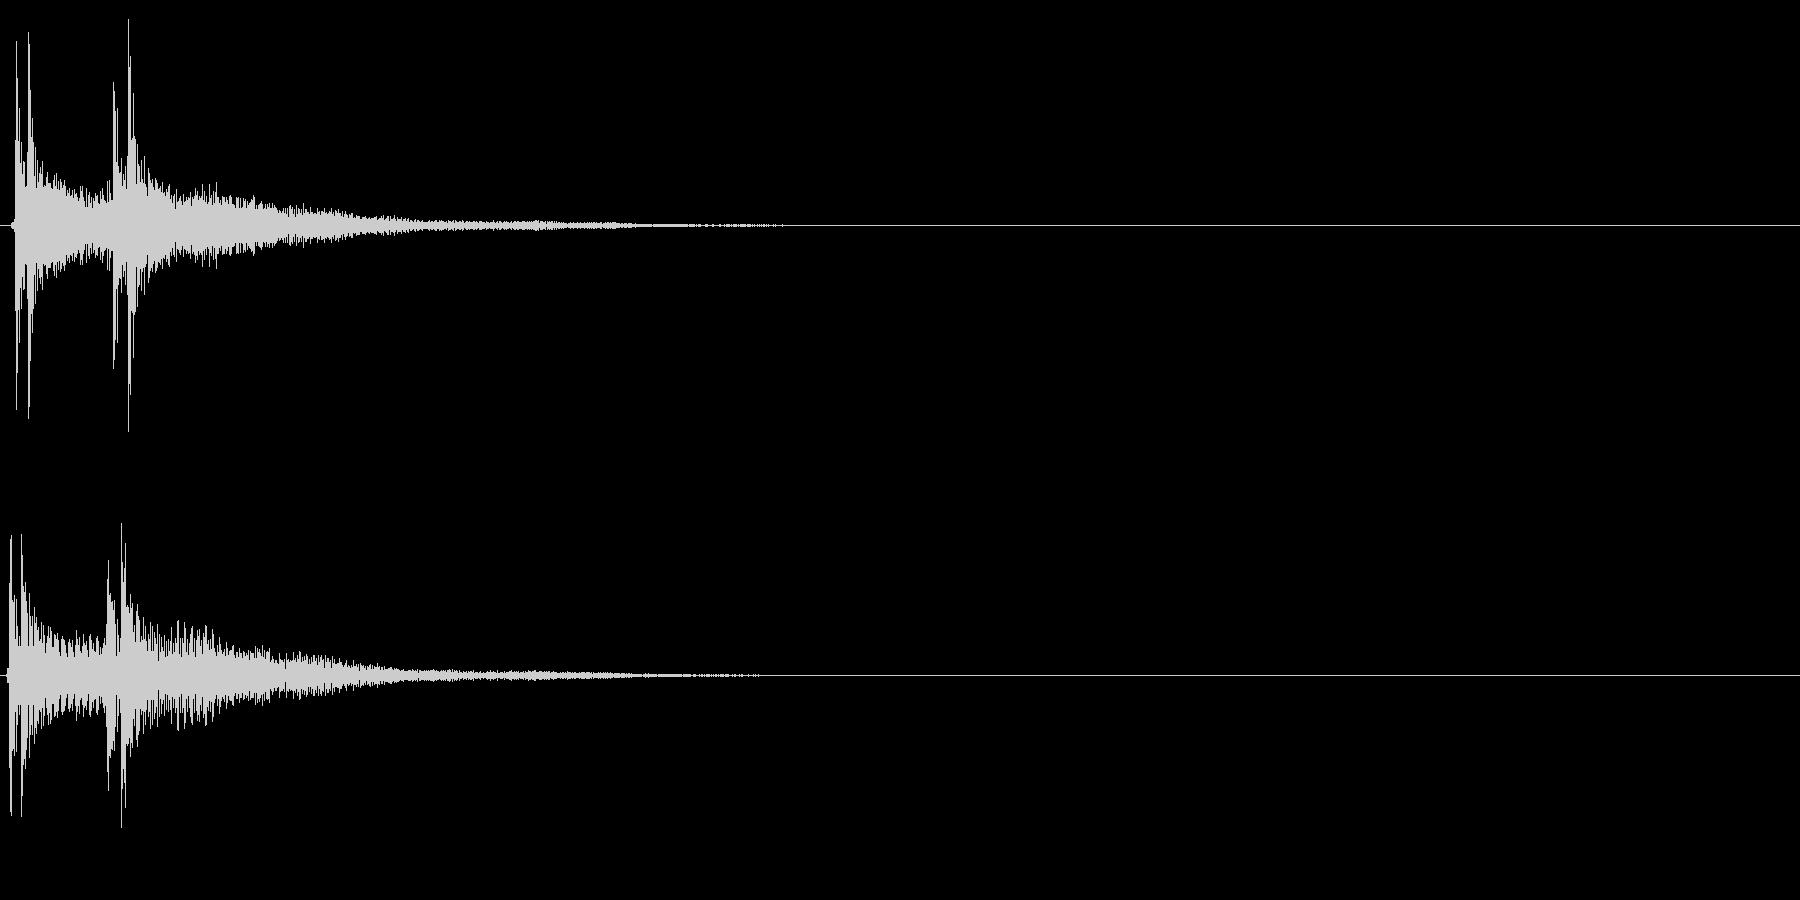 三味線/和風/テロップ/お笑い/発表の未再生の波形